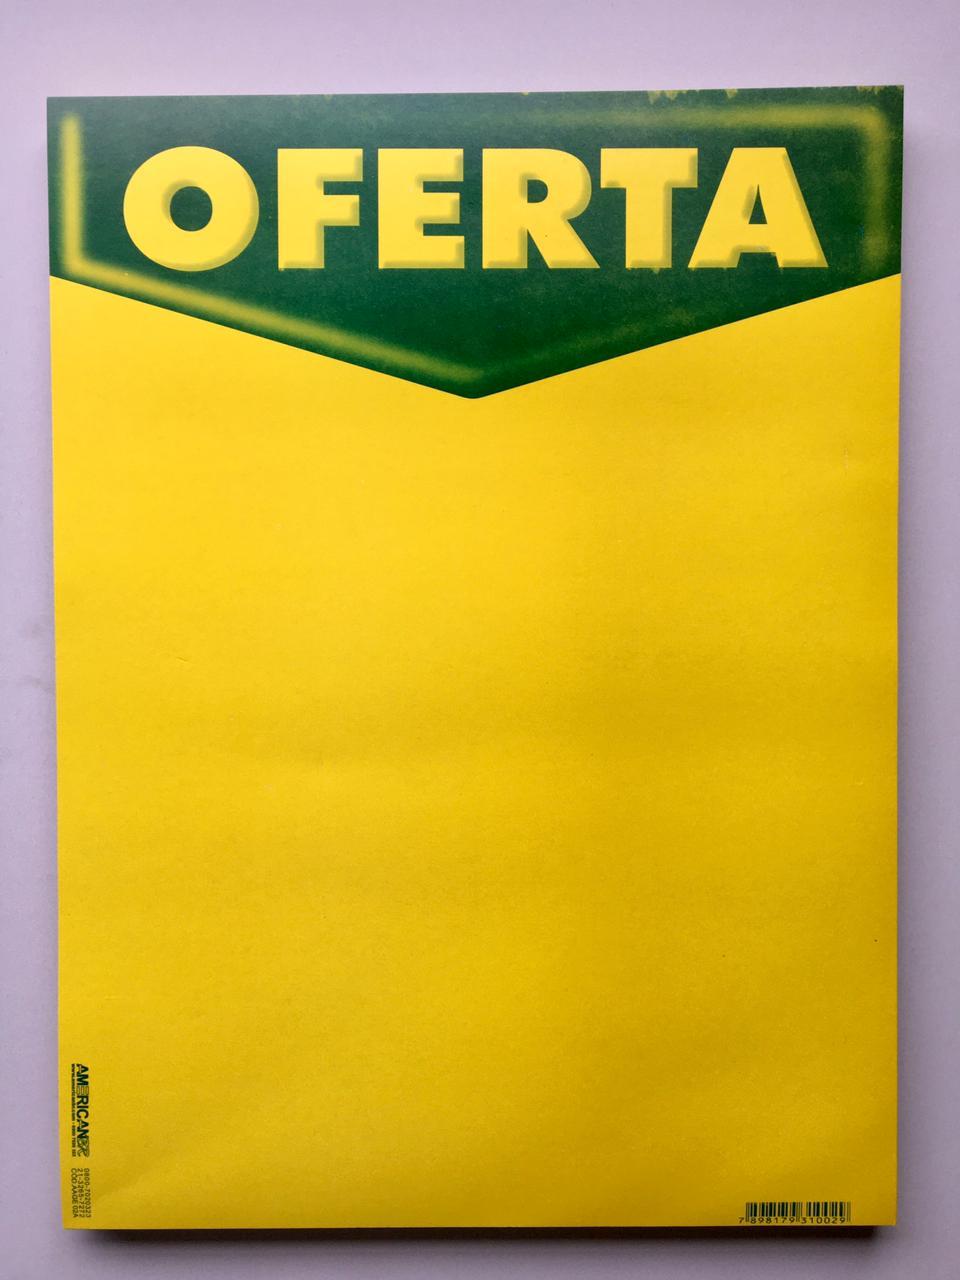 CARTAZ OFERTA VERDE E AMARELO 30X40CM (C/50 UNIDADES)